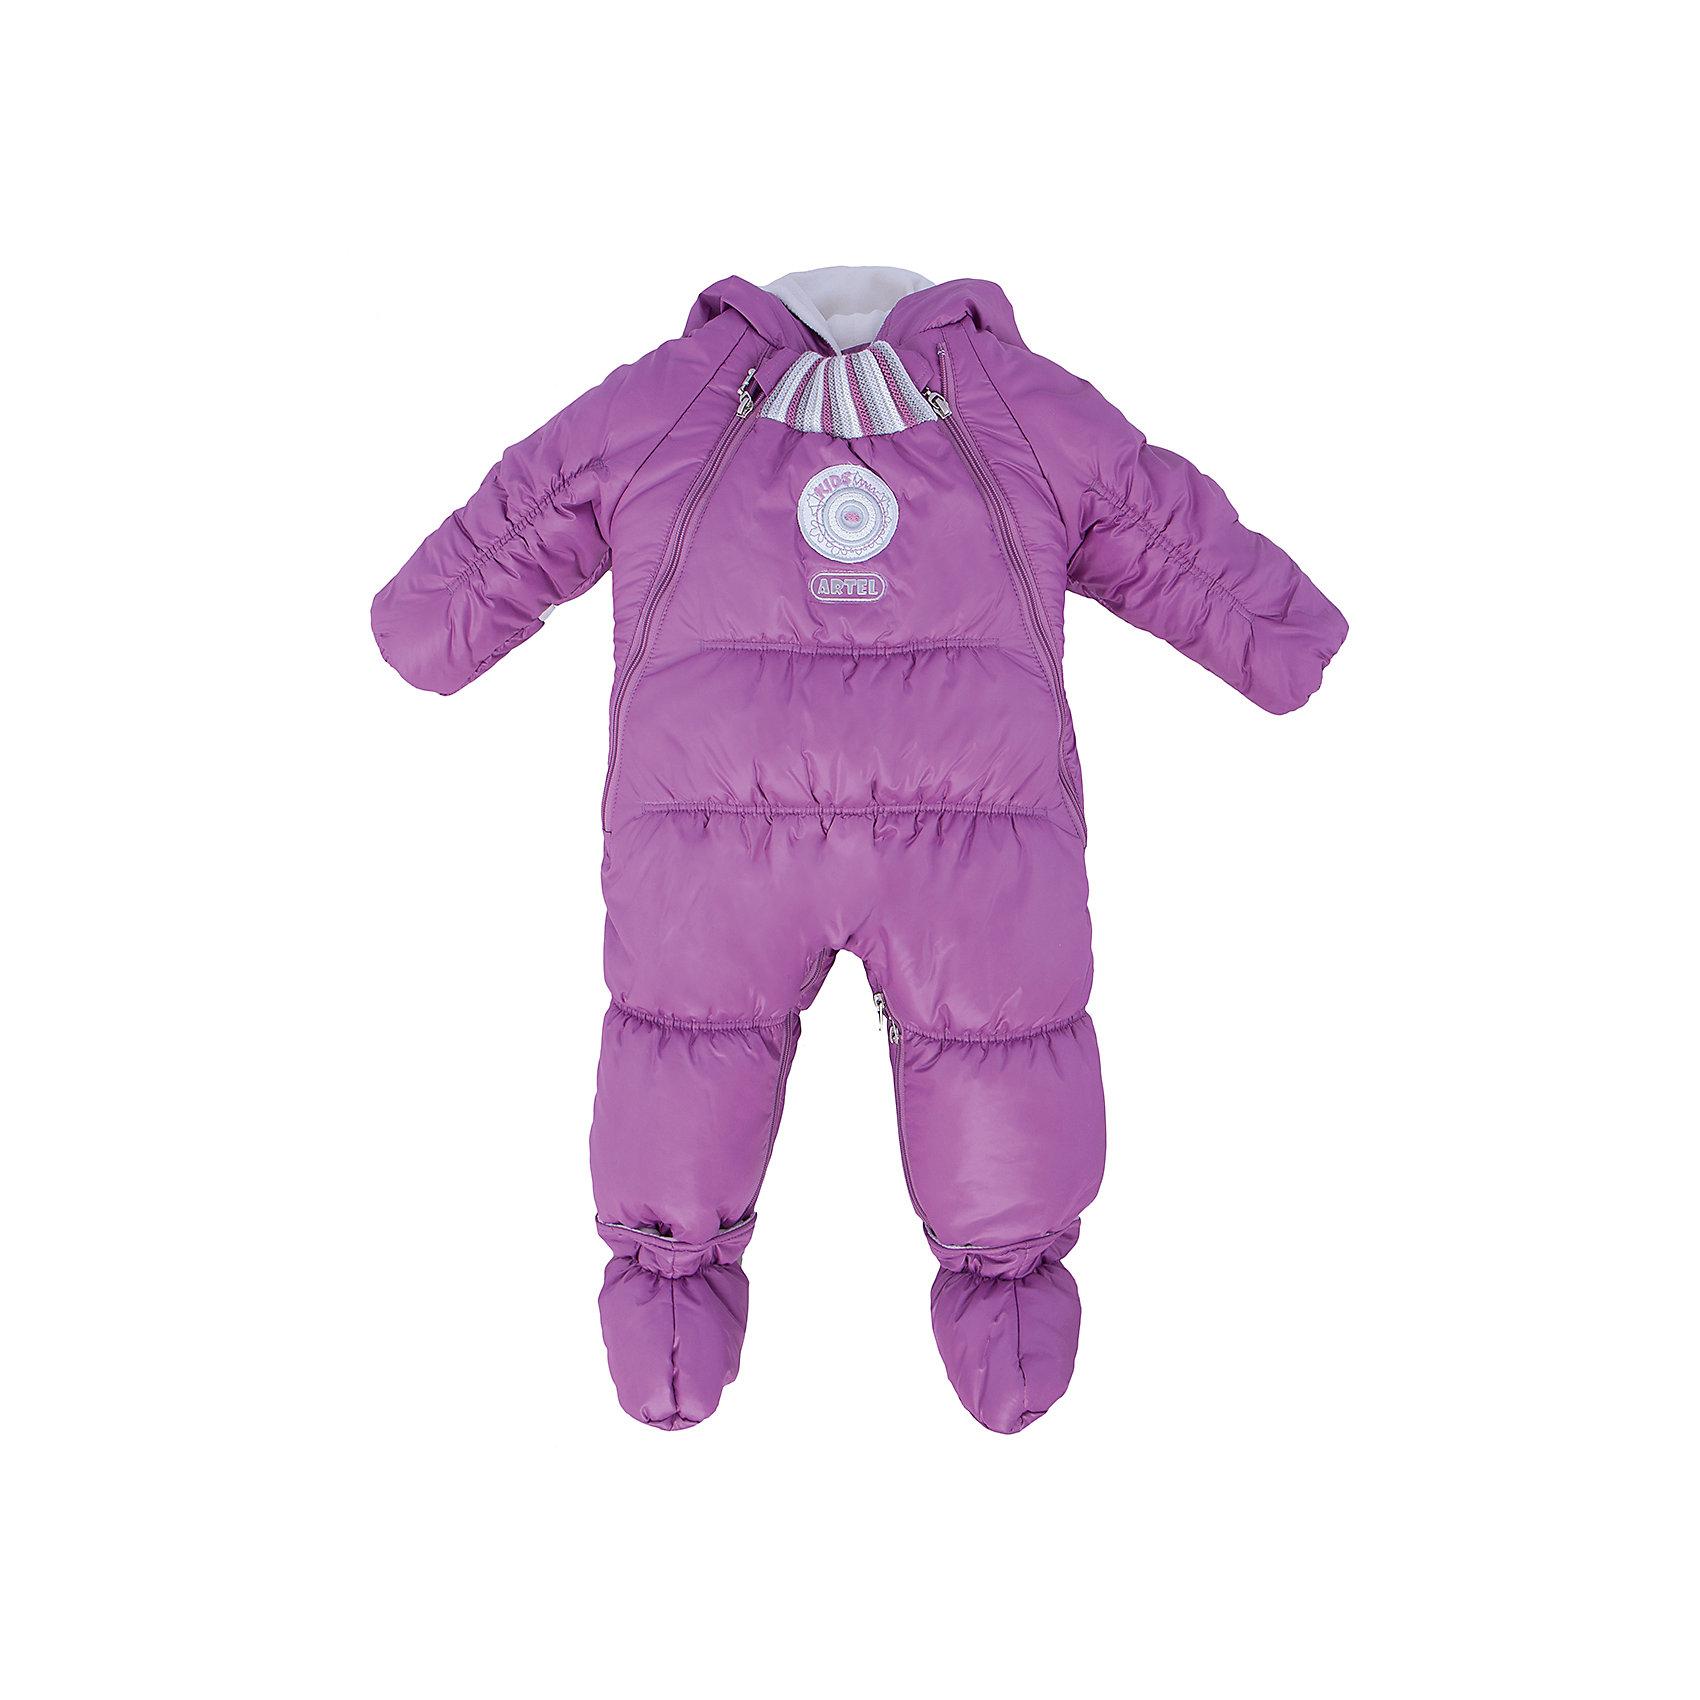 Комбинезон-трансформер АртельКонверты<br>Комбинезон-трансформер от известного бренда Артель<br>Комбинезон-трансформер - это отличный вариант одежды для прогулок в холодное время года. Он выполняет функцию полноценного костюма с ножками, в котором удобно носить ребенка на руках, или перевозить в автокресле и теплого уютного спального конверта, в котором ребенку комфортно находиться в коляске. Комбинезон трансформируется в конверт с помощью дополнительных молний. <br>Состав:<br>Верх: YSD 819<br>Подкладка: интерлок<br>Утеплитель: термофайбер 200гр<br><br>Ширина мм: 356<br>Глубина мм: 10<br>Высота мм: 245<br>Вес г: 519<br>Цвет: розовый<br>Возраст от месяцев: 3<br>Возраст до месяцев: 6<br>Пол: Женский<br>Возраст: Детский<br>Размер: 68,74,62<br>SKU: 4963485